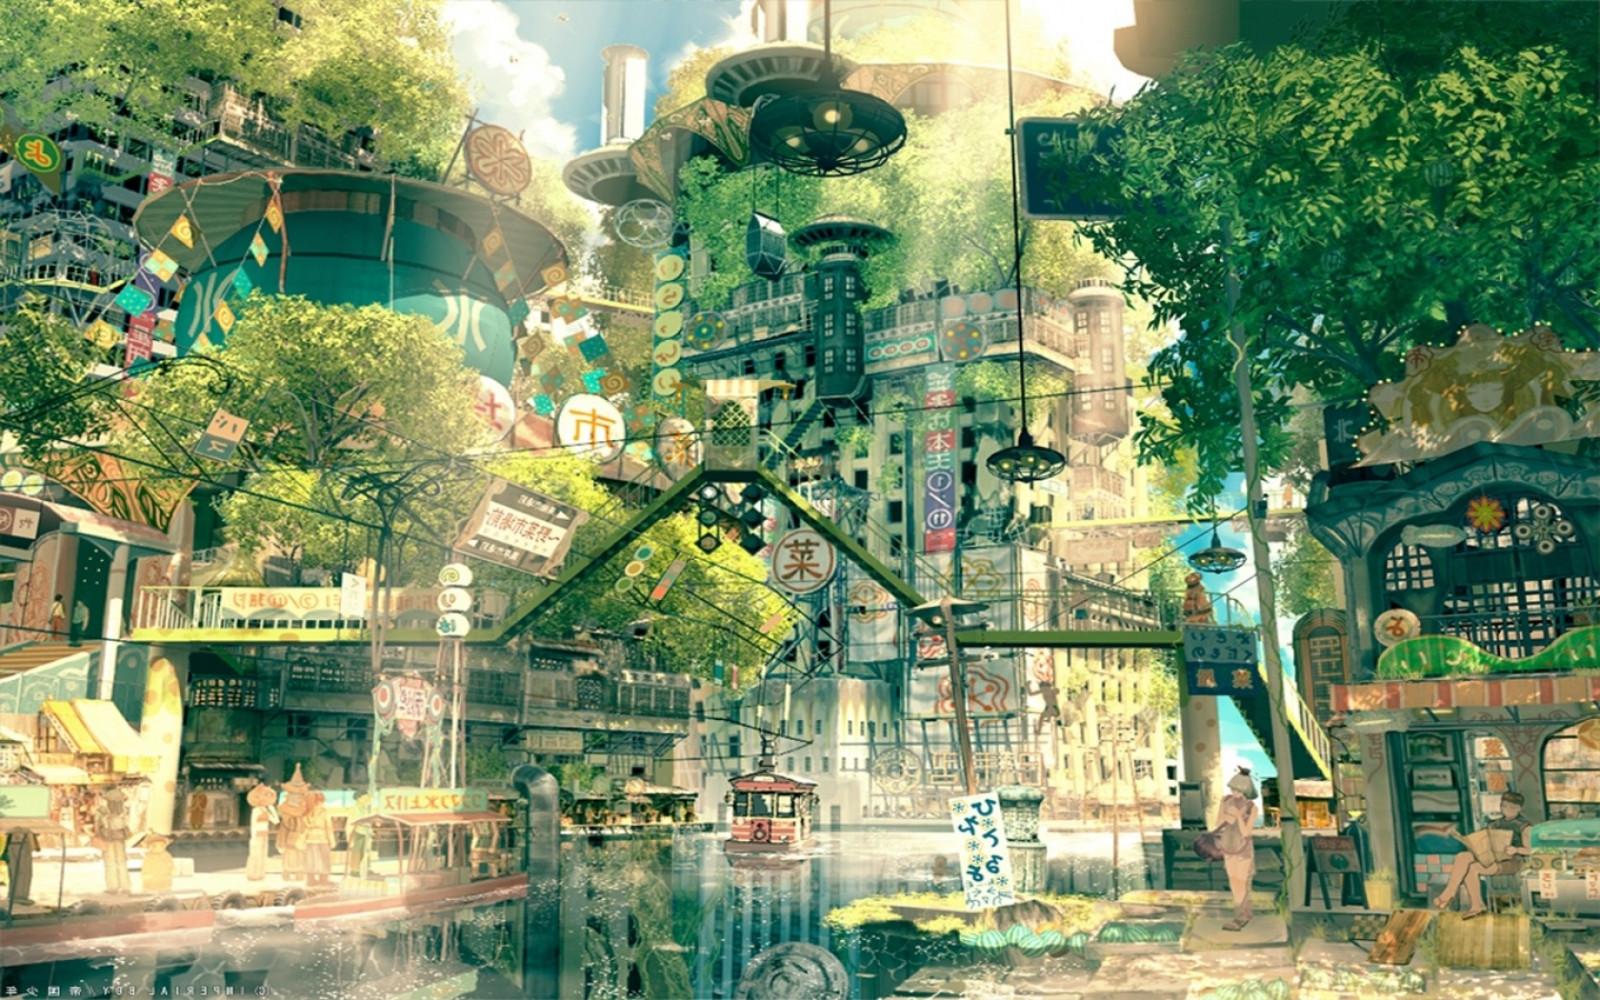 Paesaggio Urbano Disegno